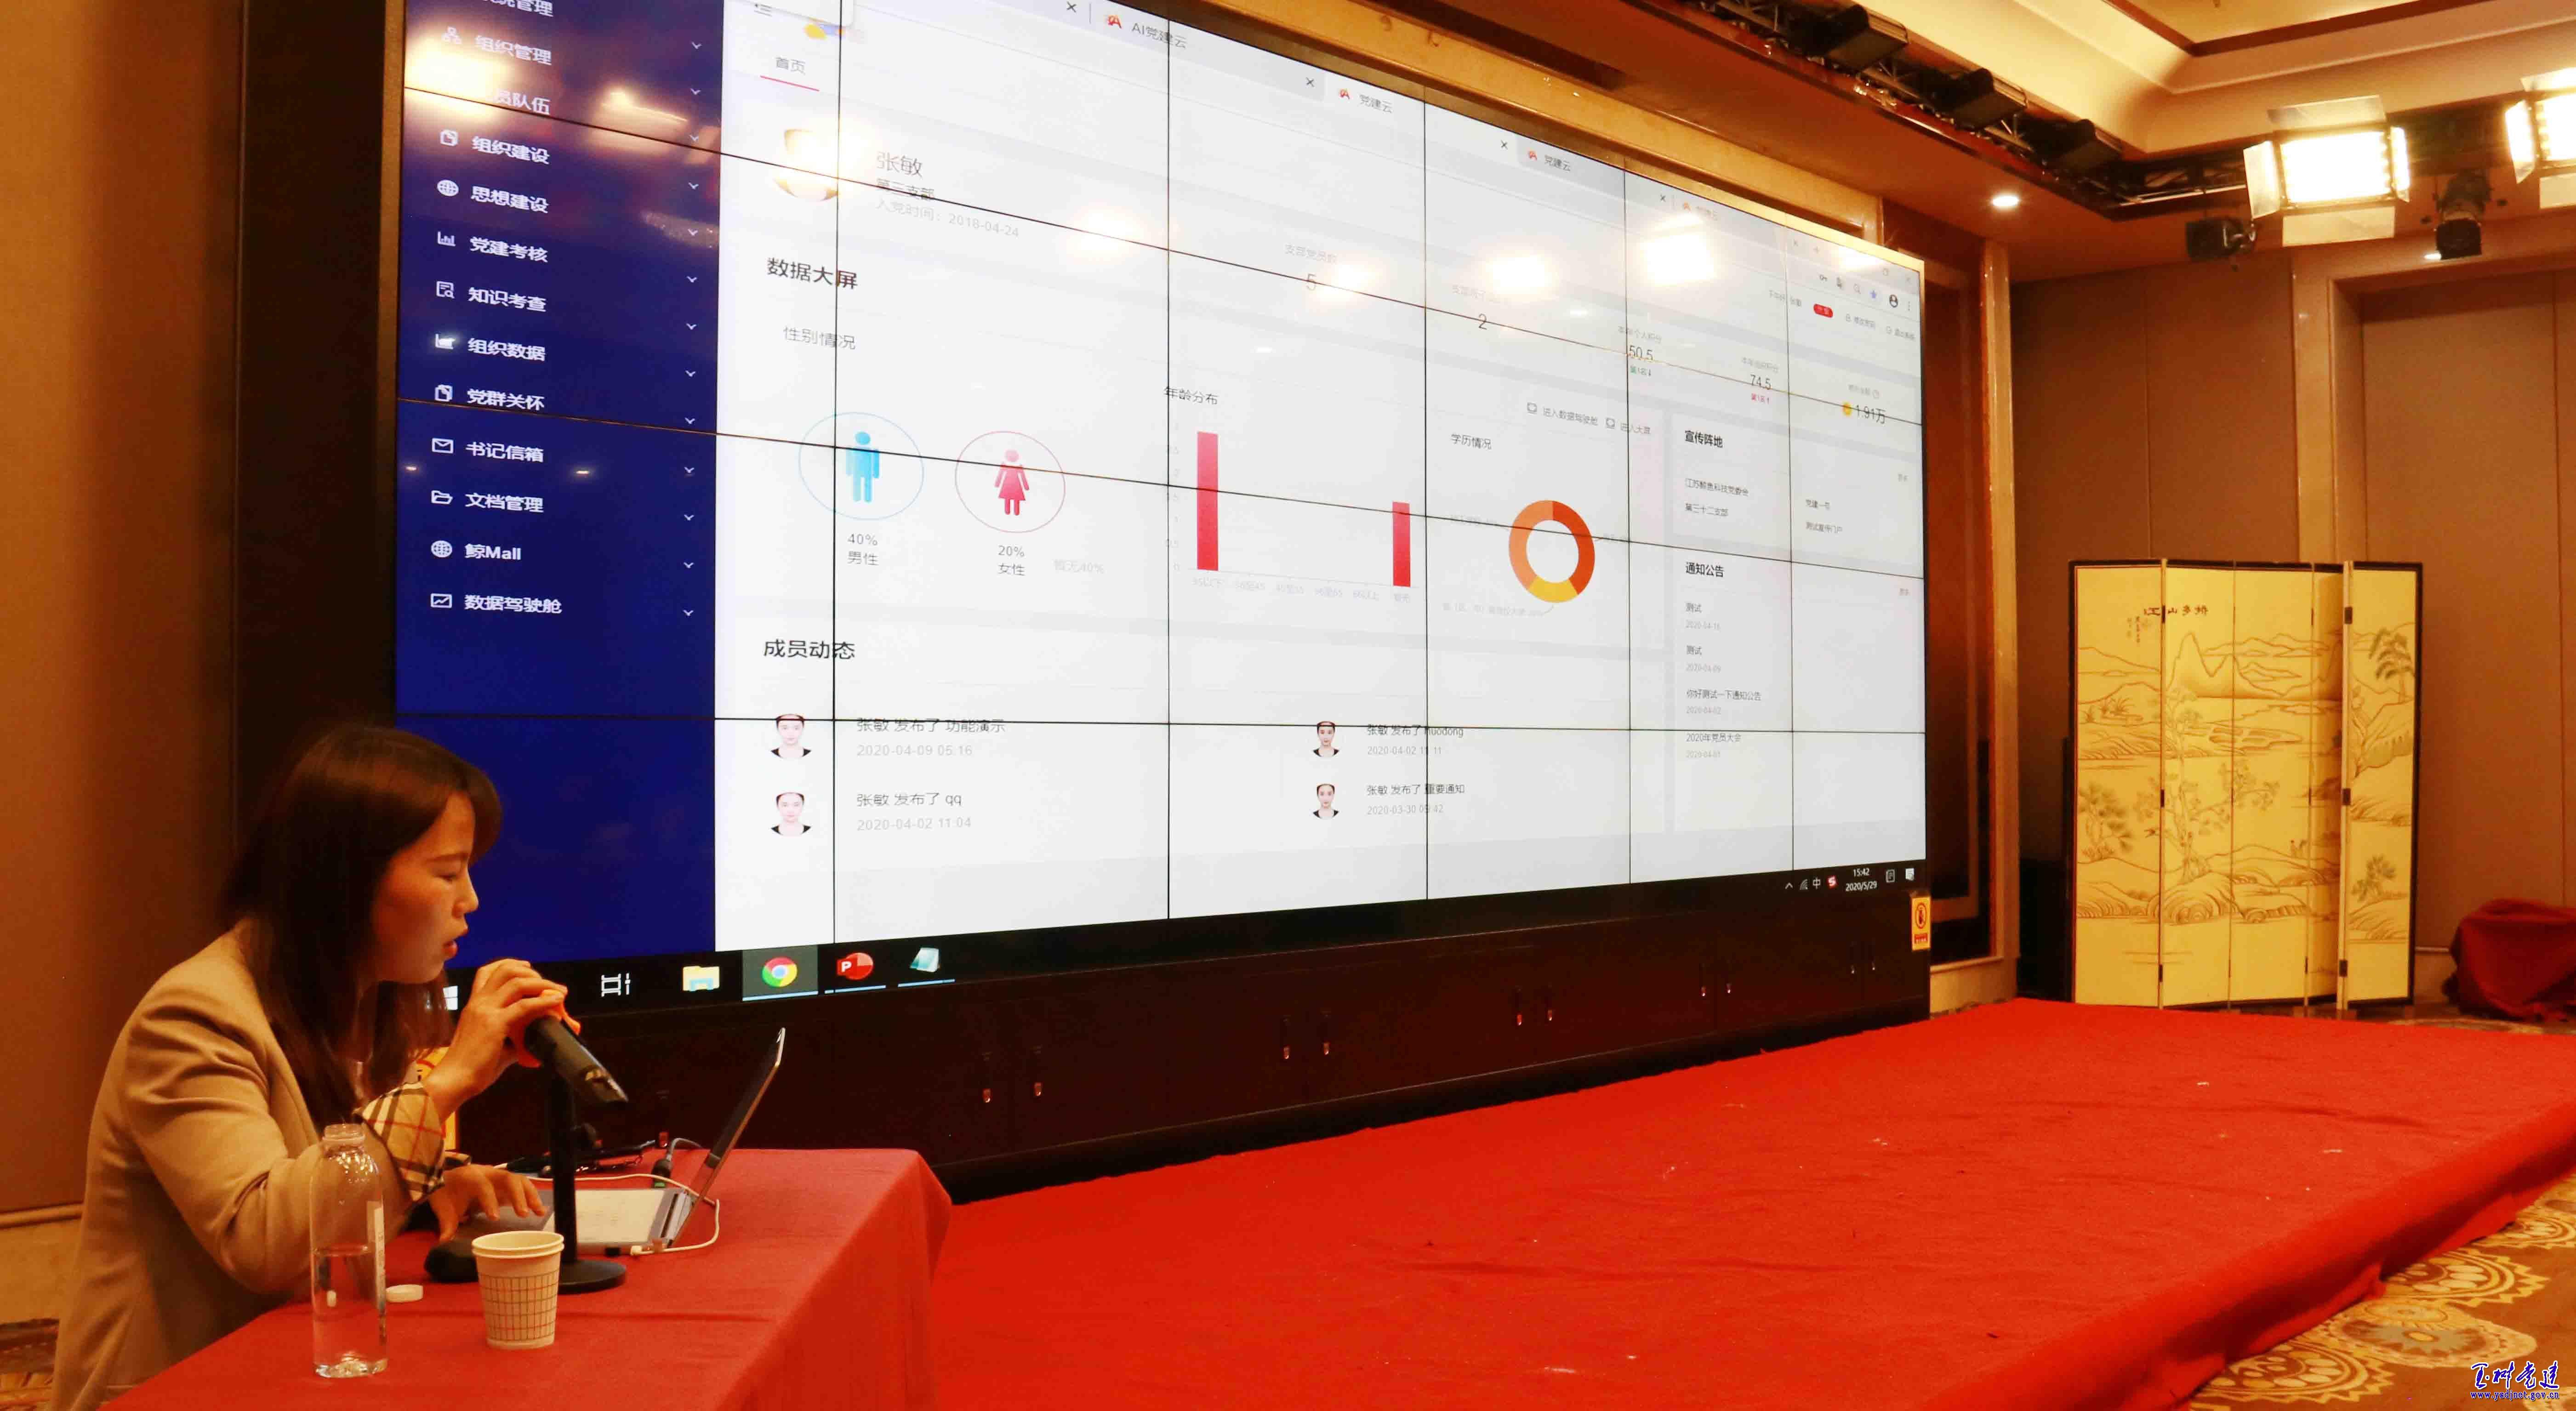 浩鲸云计算售后部总监张敏授课、展示平台管理界面